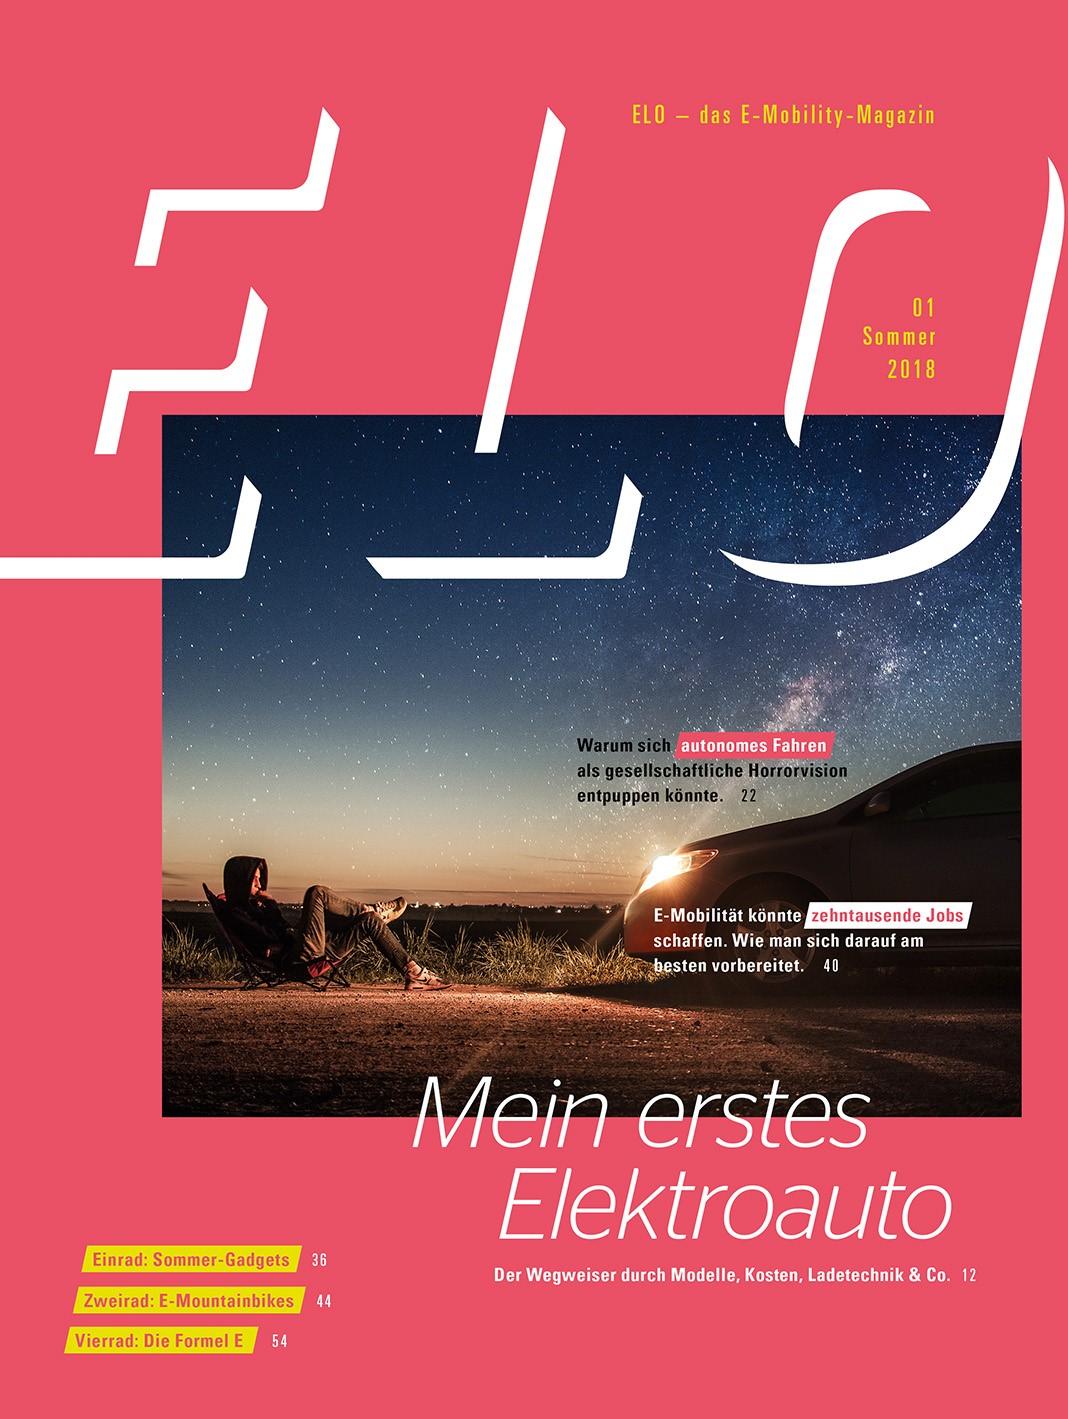 Kommentar von Thomas Raffeiner im ELO Magazin